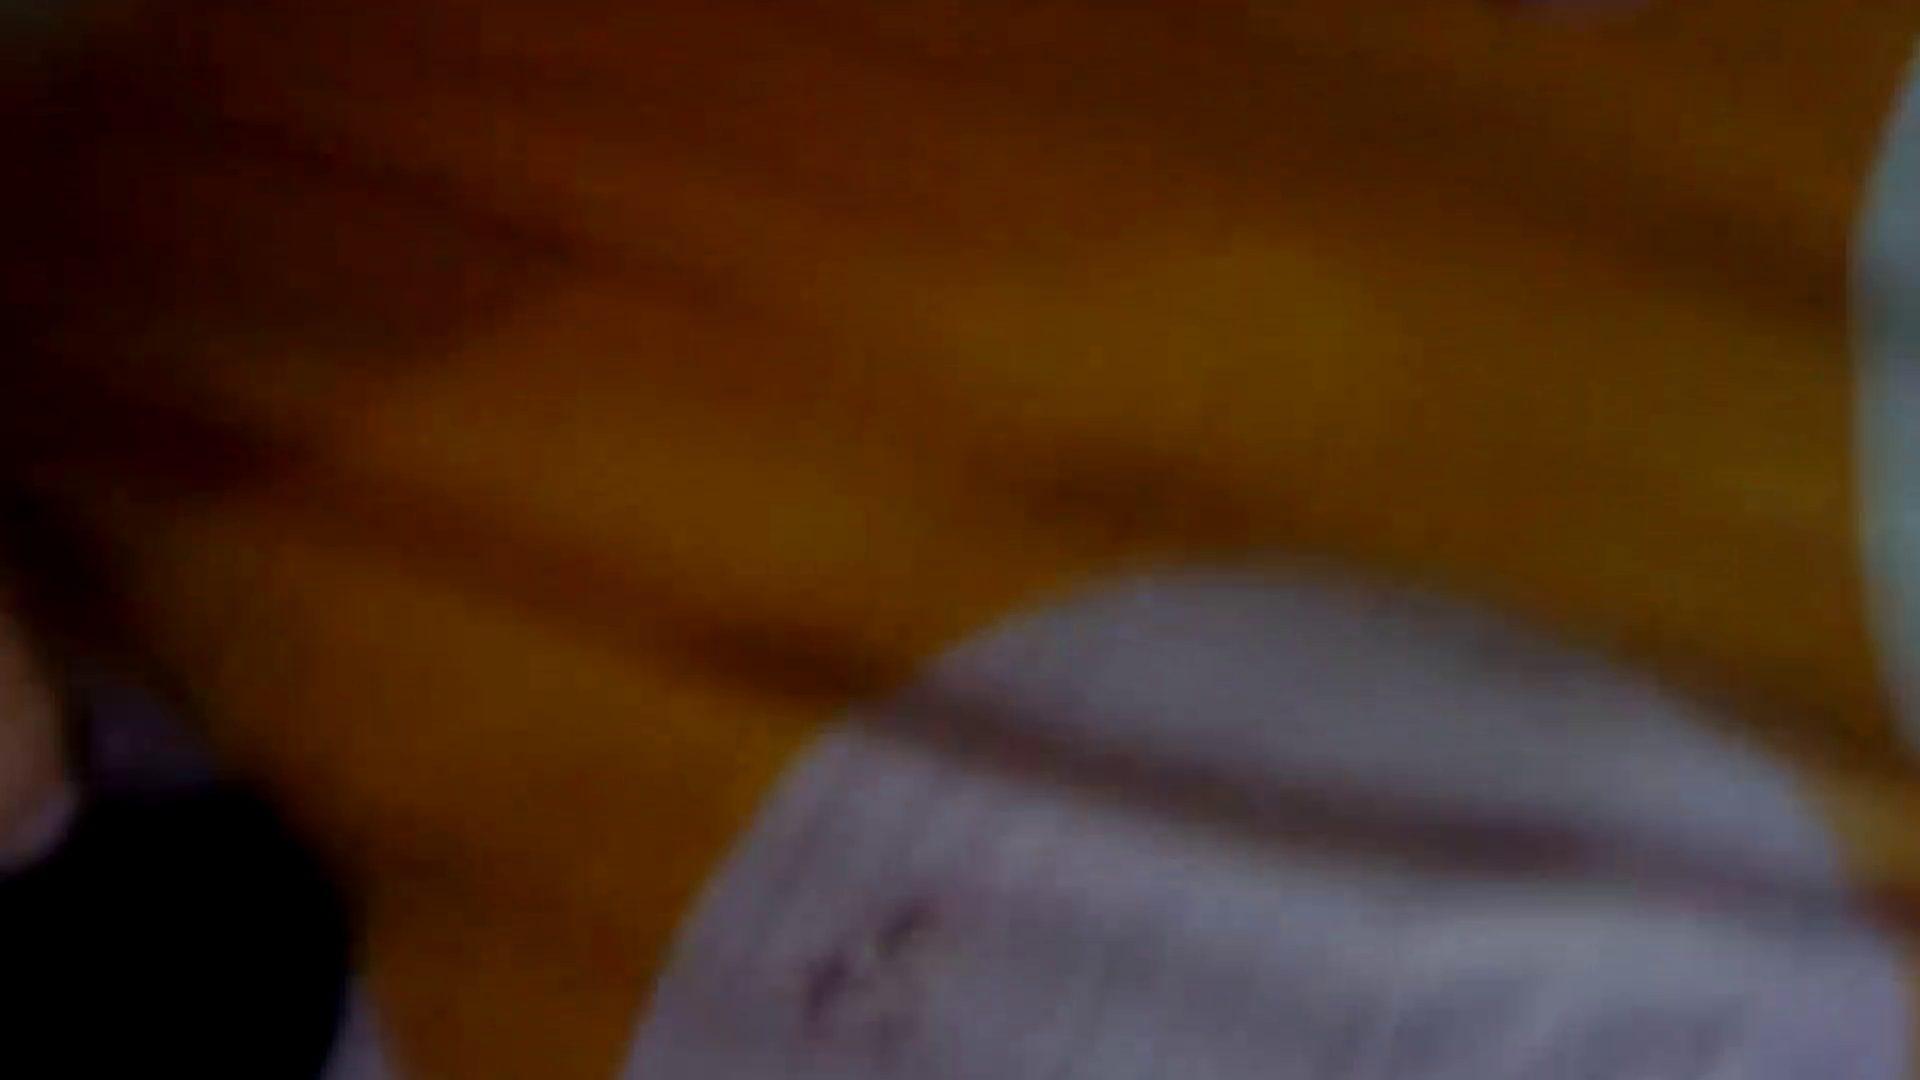 魅せろ!エロチャット!Vol.01 後編 モザイク無し エロビデオ紹介 105pic 24